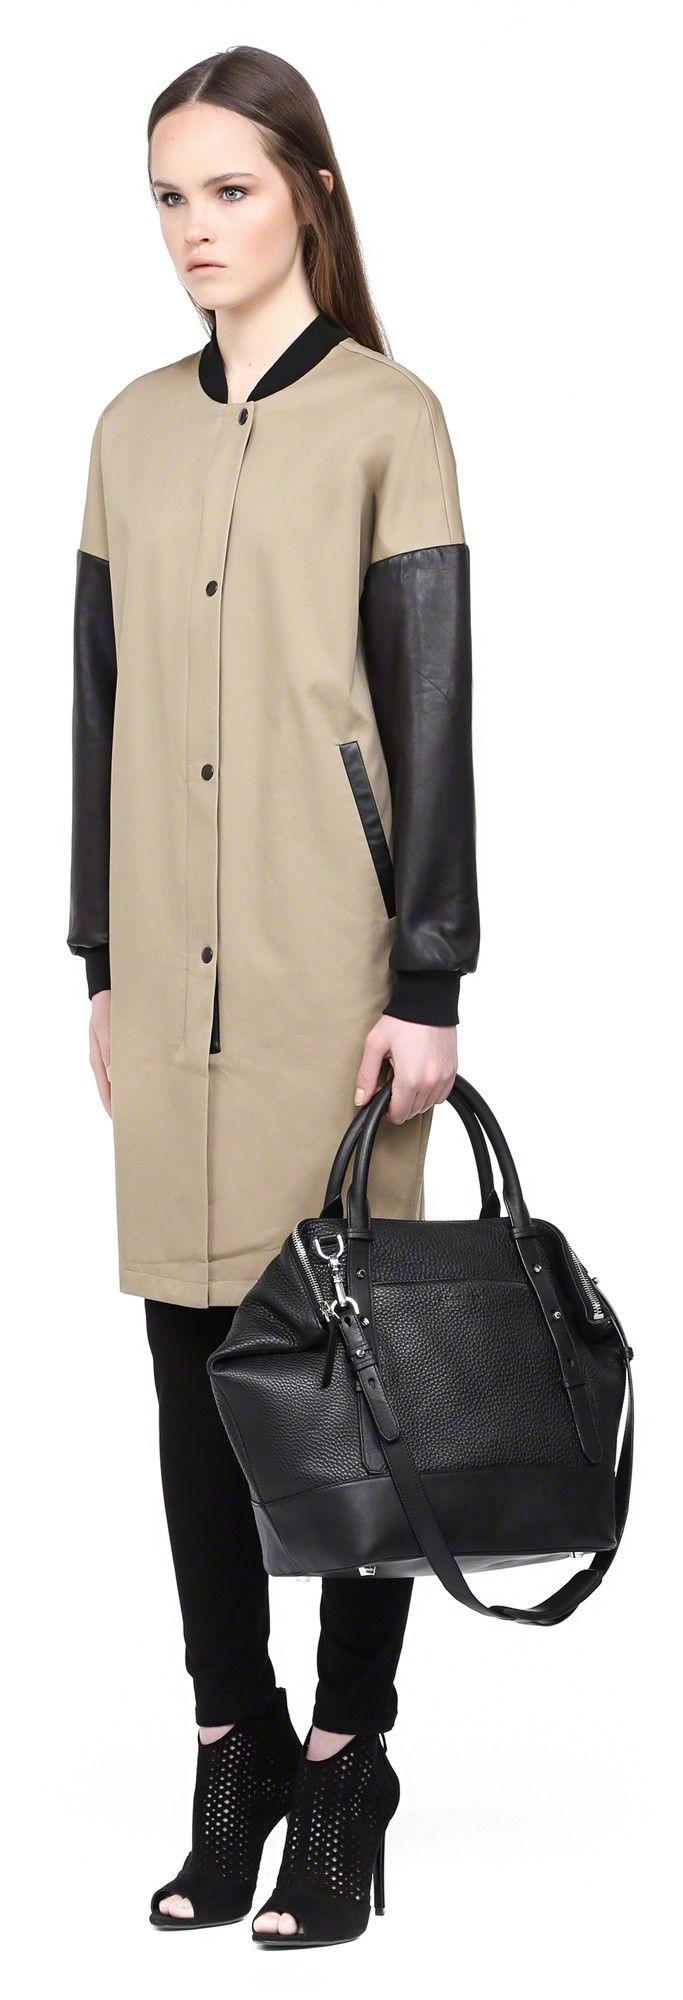 Mackage - RAFFIE-S5 LARGE BLACK TOTE BAG #mackage #handbags